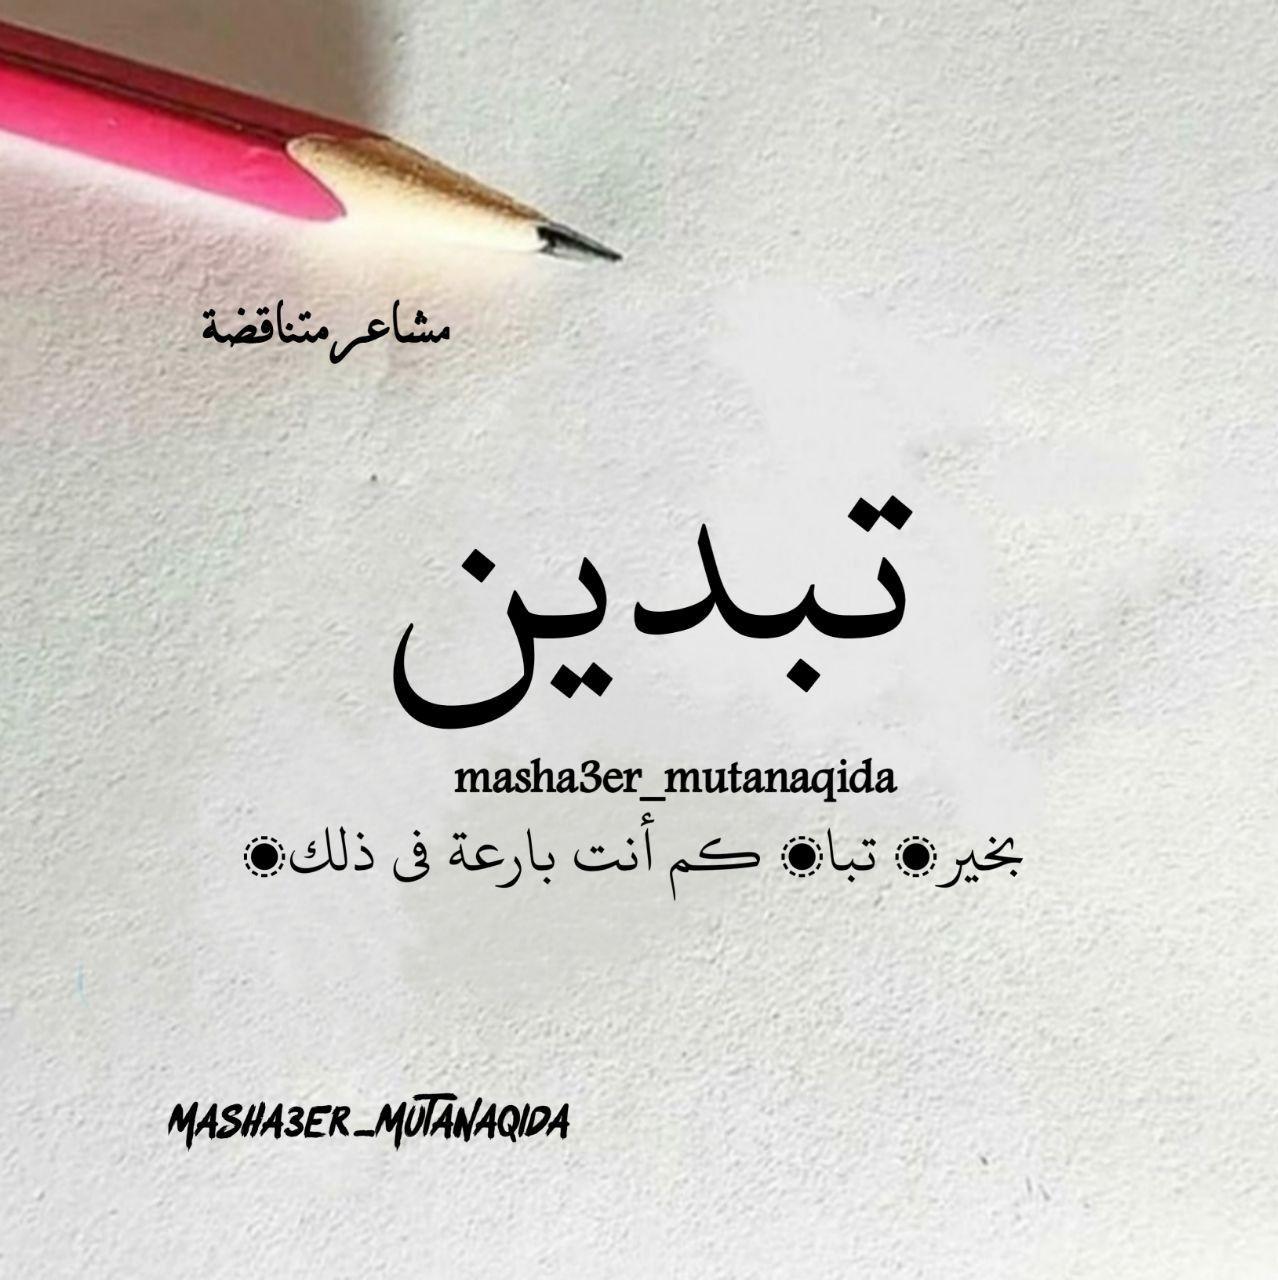 تبدين بخير تبا كم أنت بارعة في ذلك In 2020 Arabic Calligraphy Calligraphy